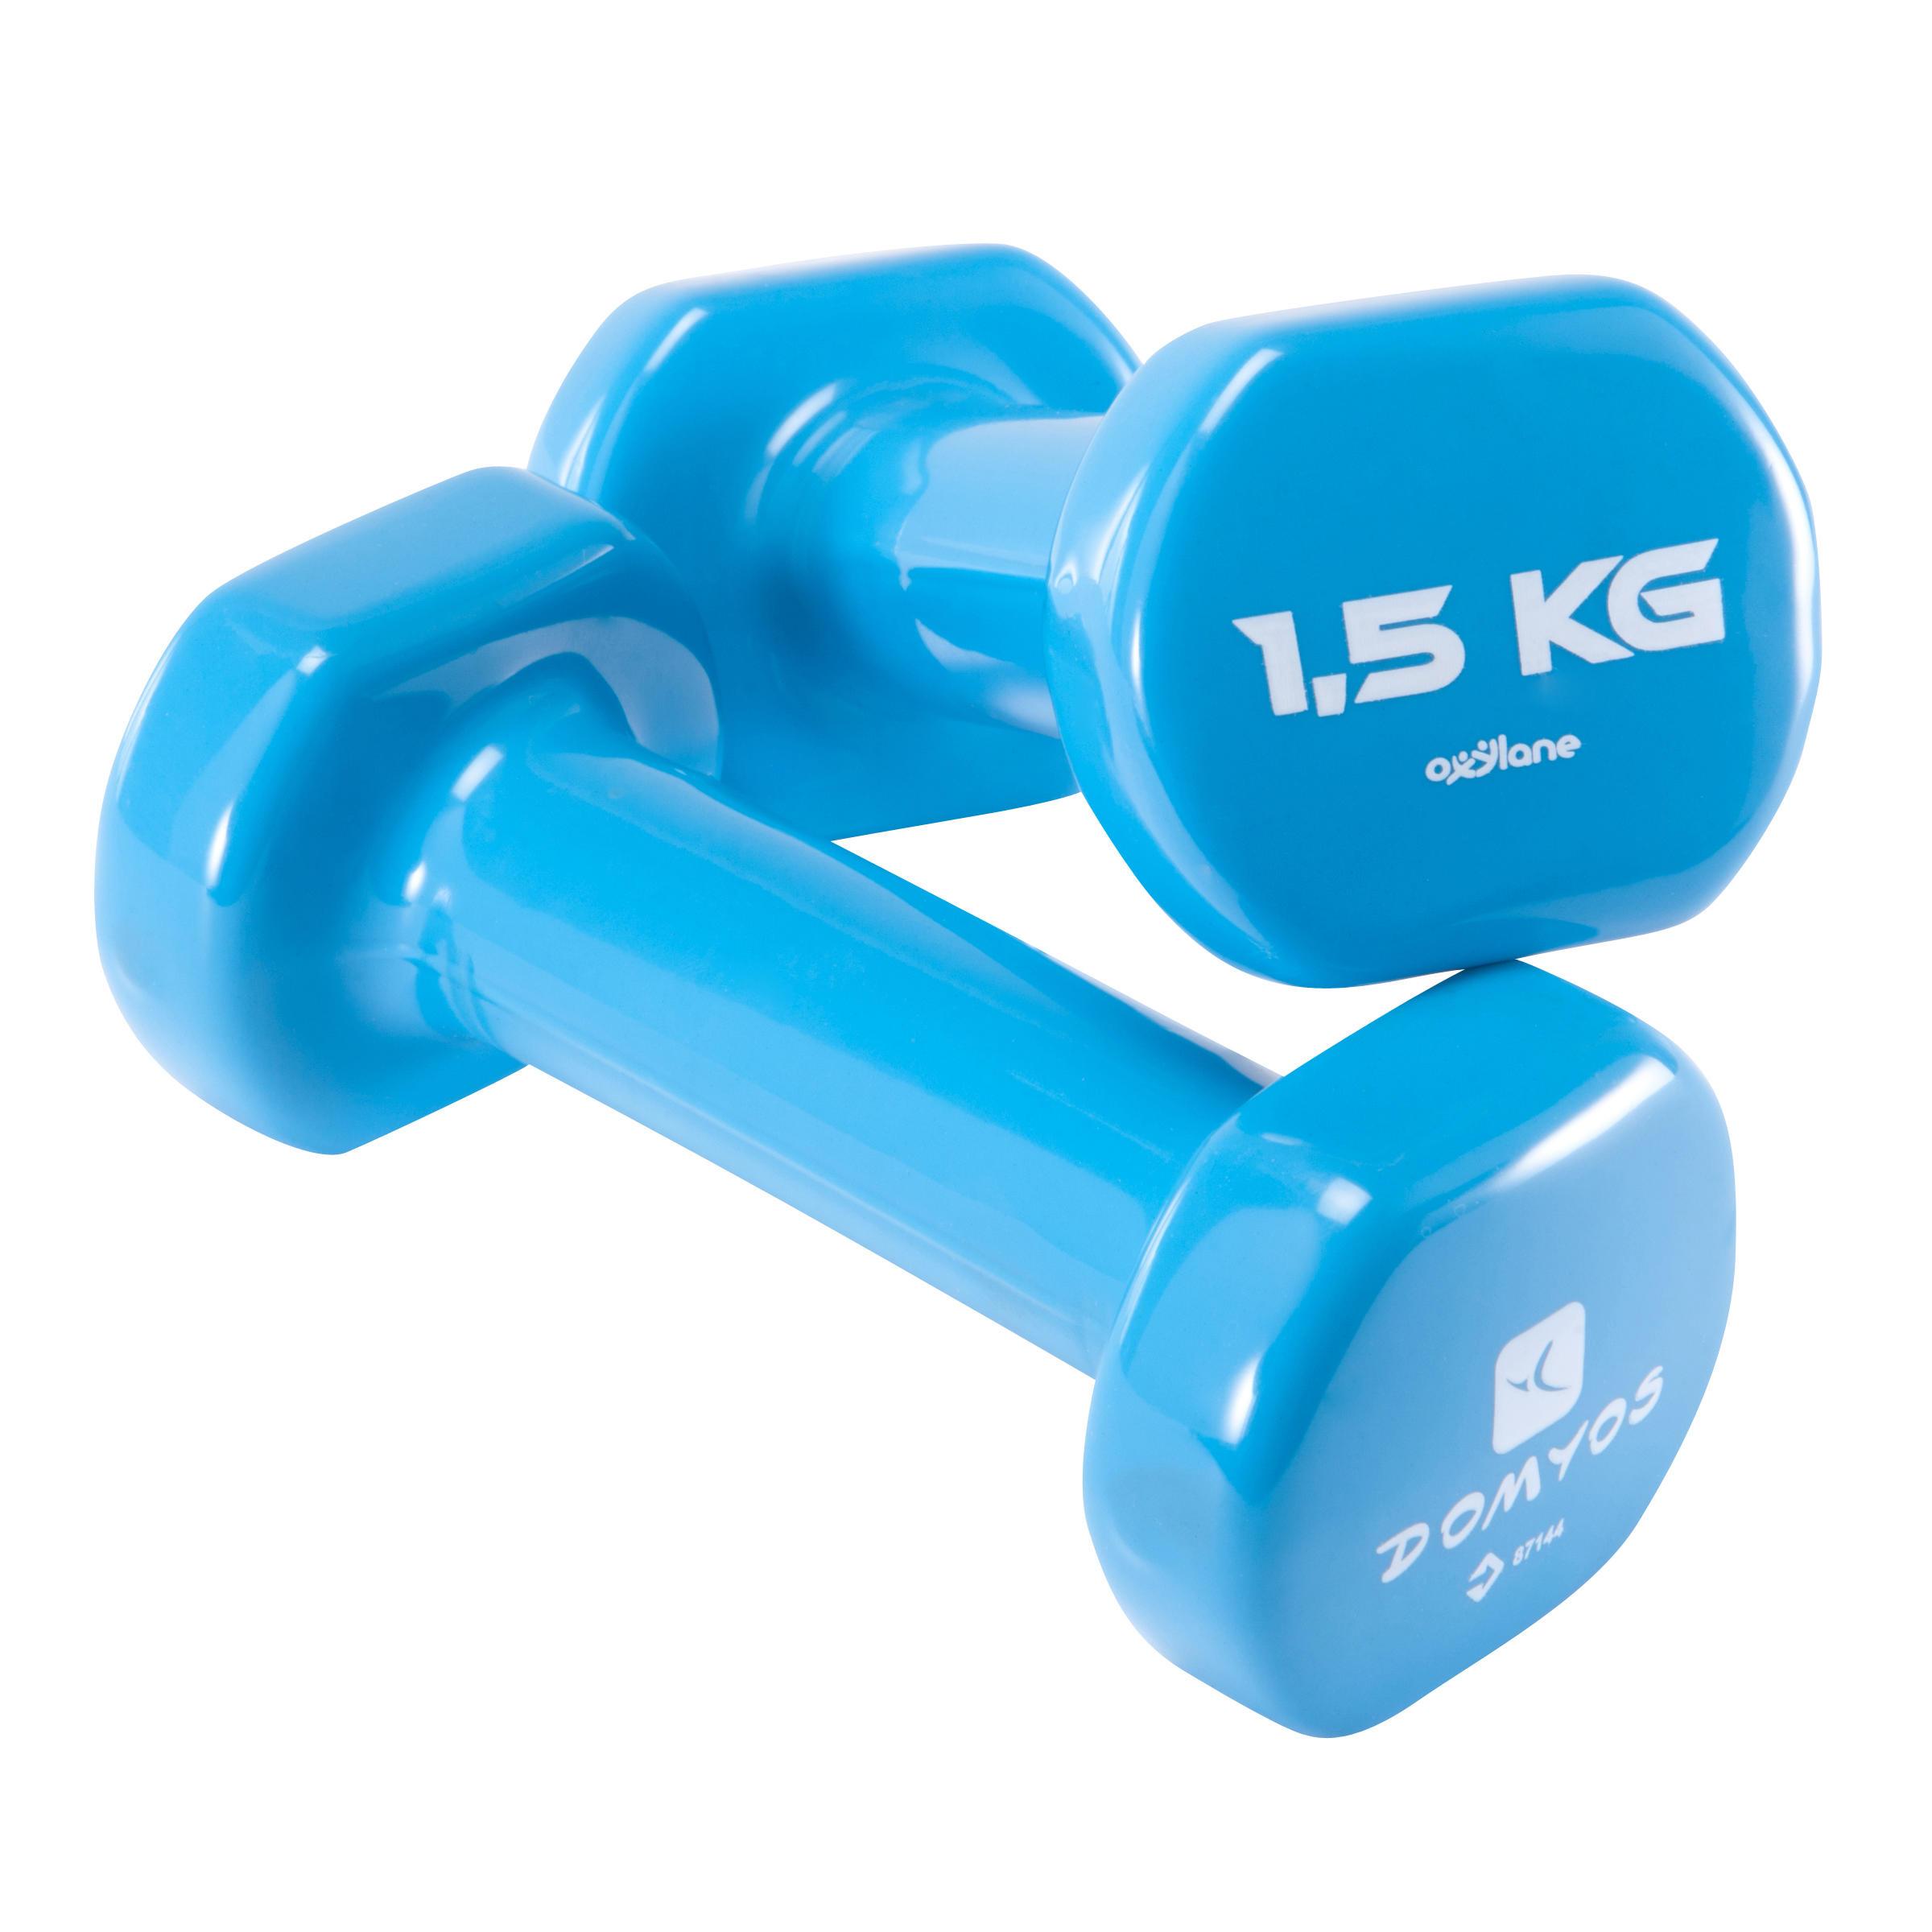 Comprar Material de Pilates Online  100ad6434443